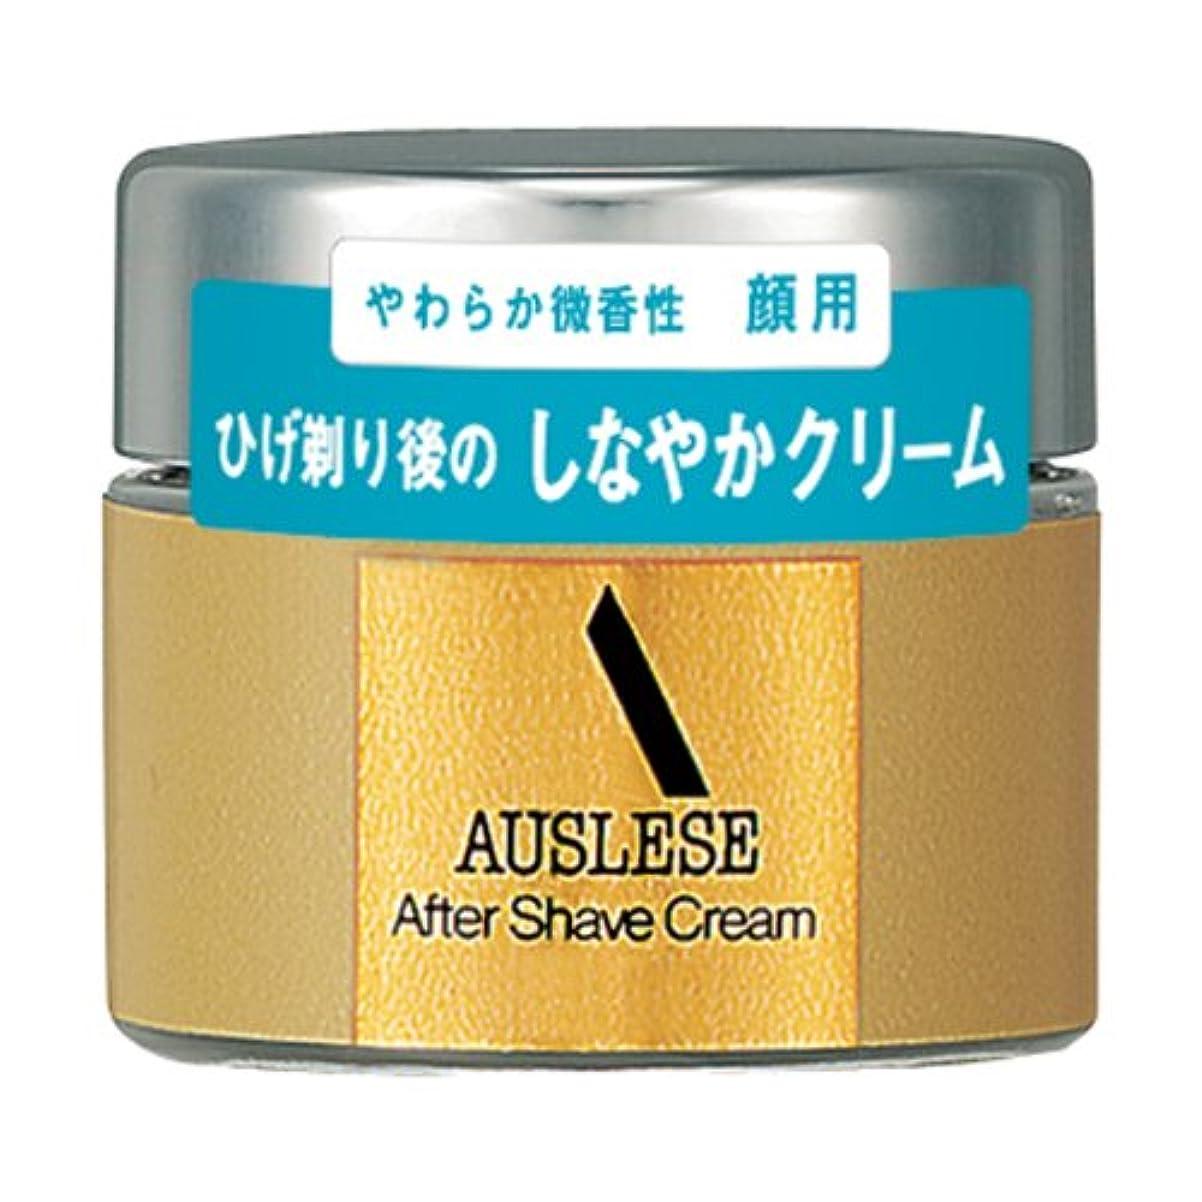 バックアップちっちゃい可能アウスレーゼ アフターシェーブクリームNA 30g 【医薬部外品】